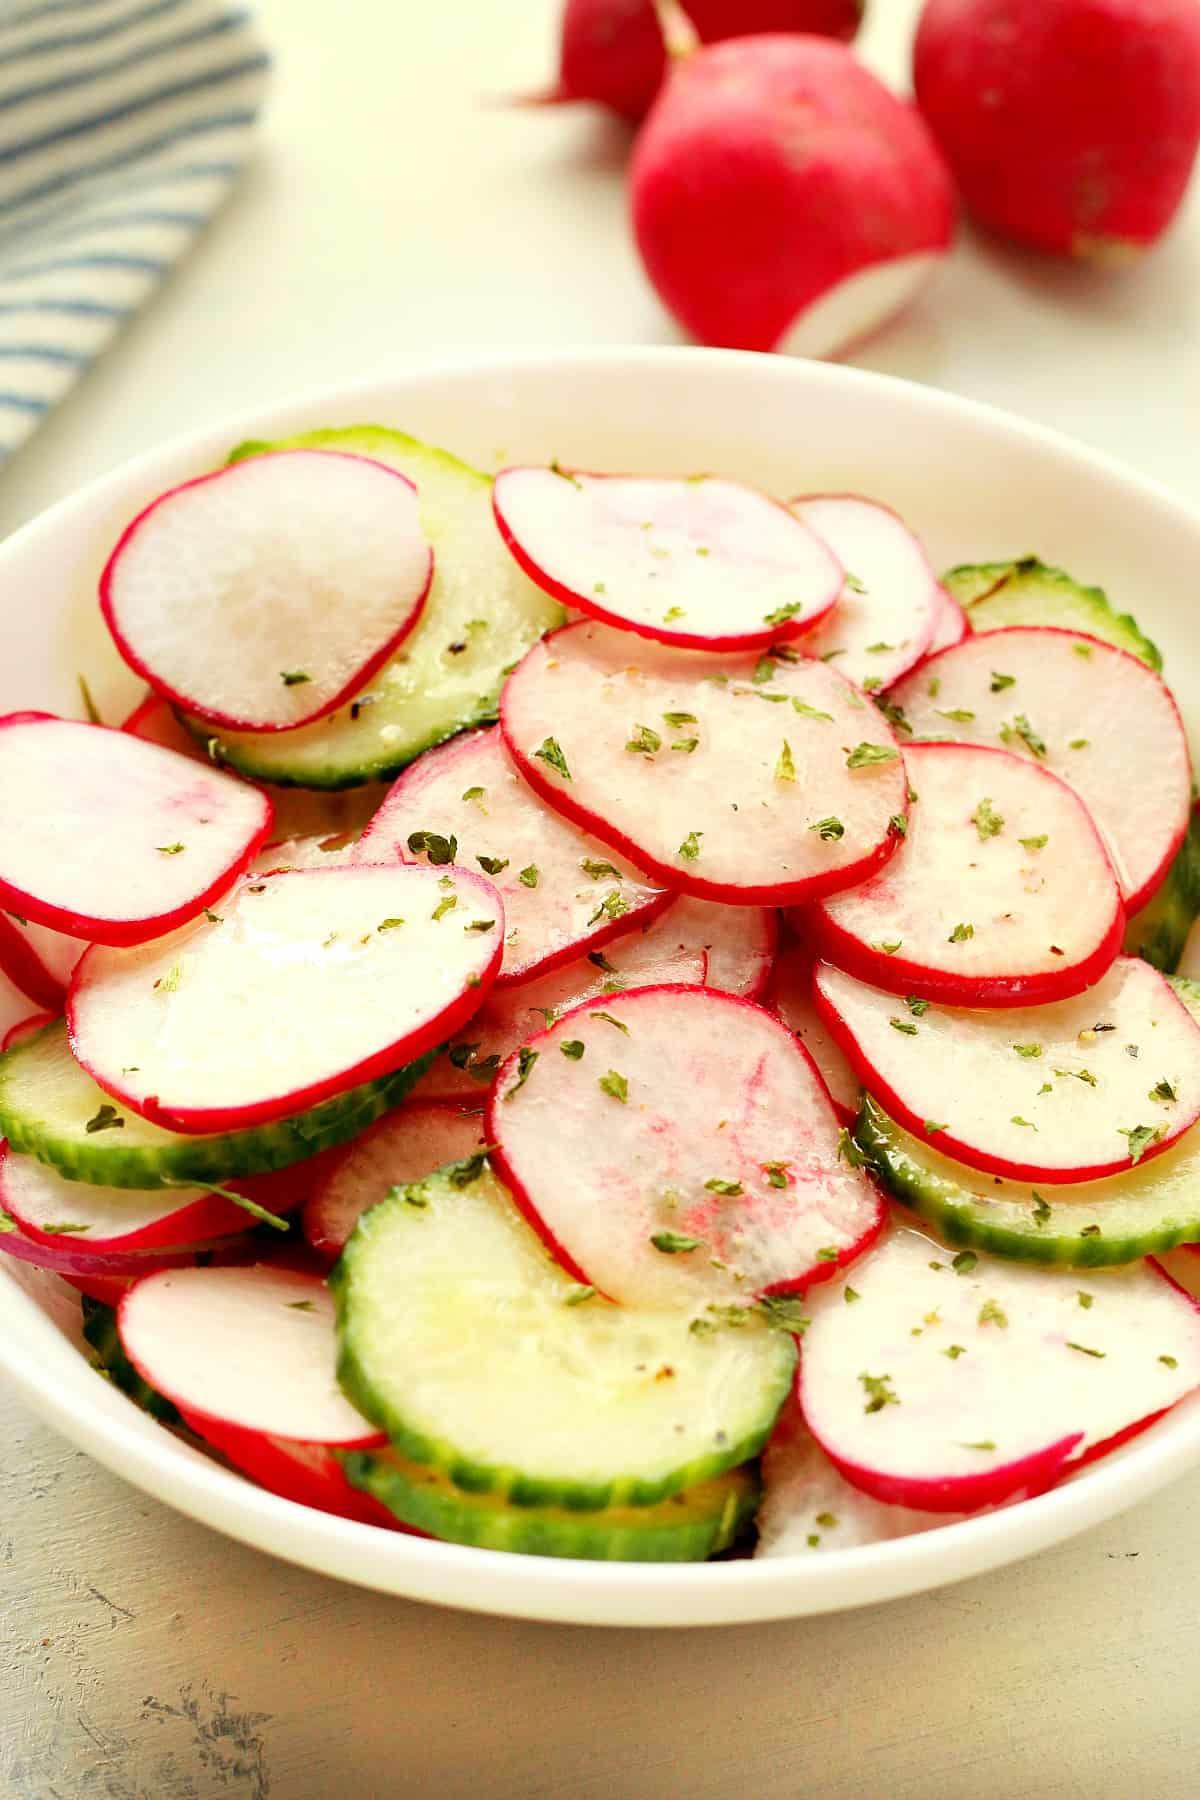 radish salad A Quick Radish Salad